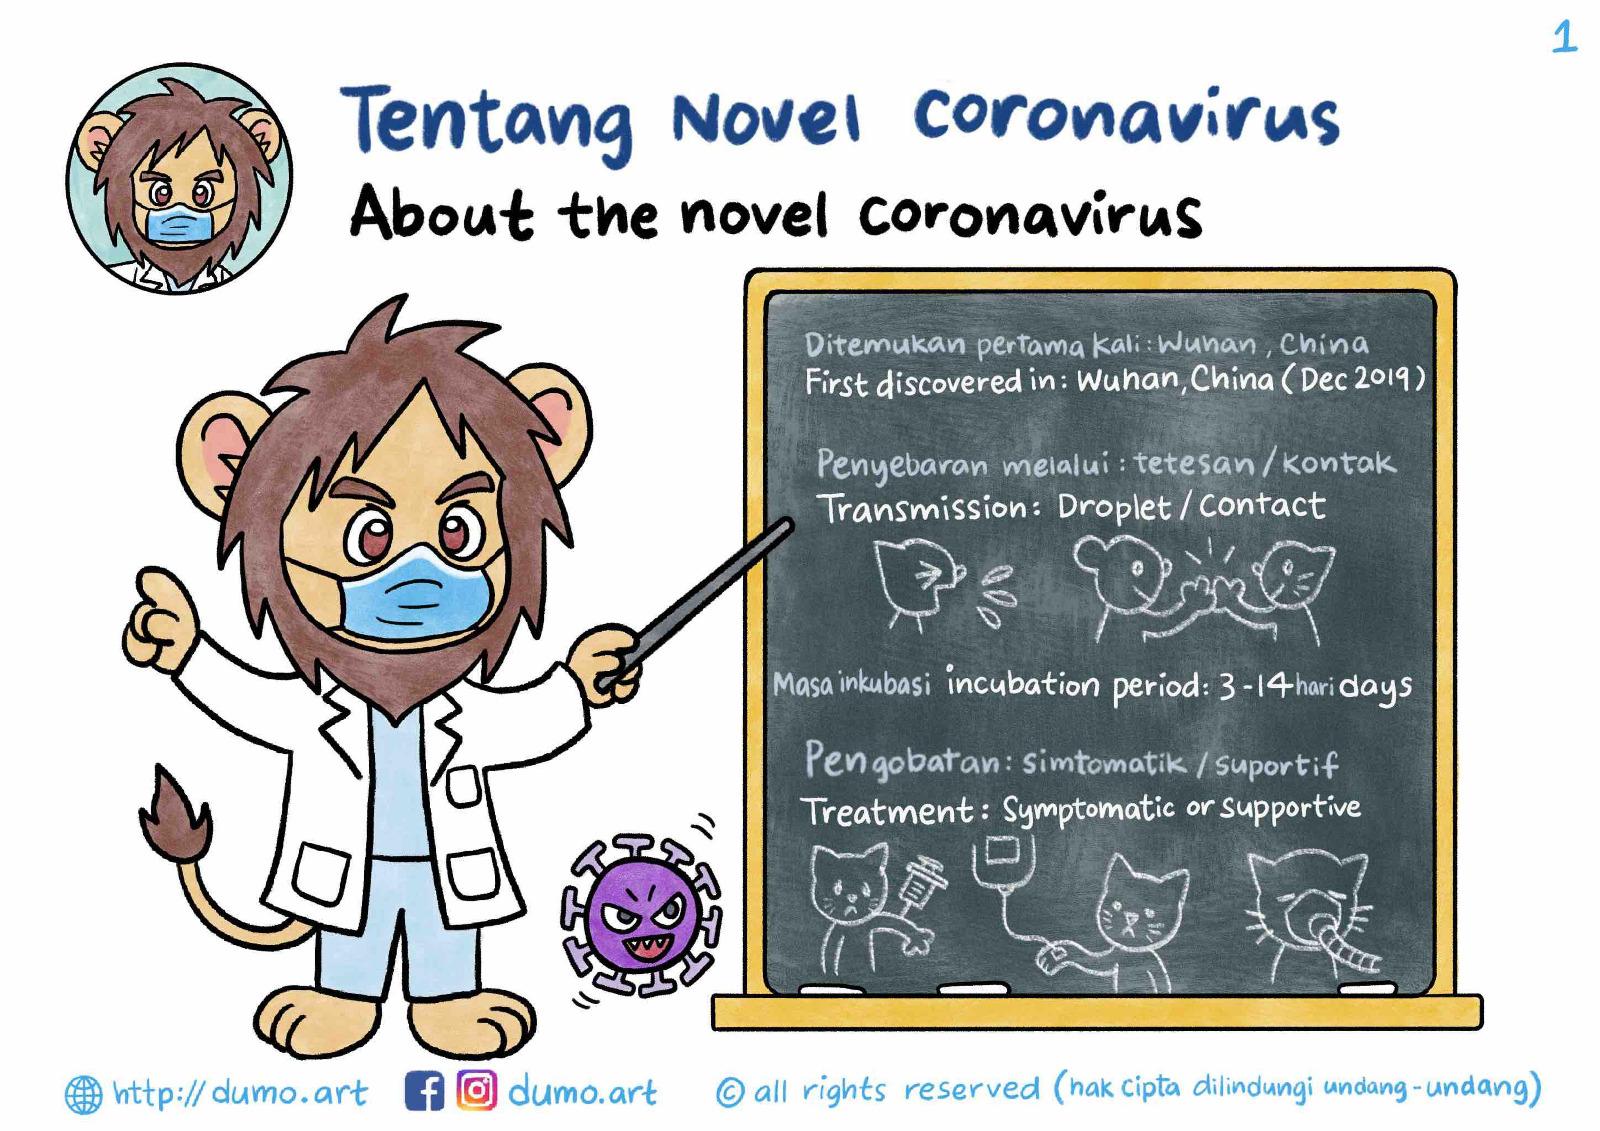 Penjelasan menarik berbentuk kartun tentang Virus Corona baru